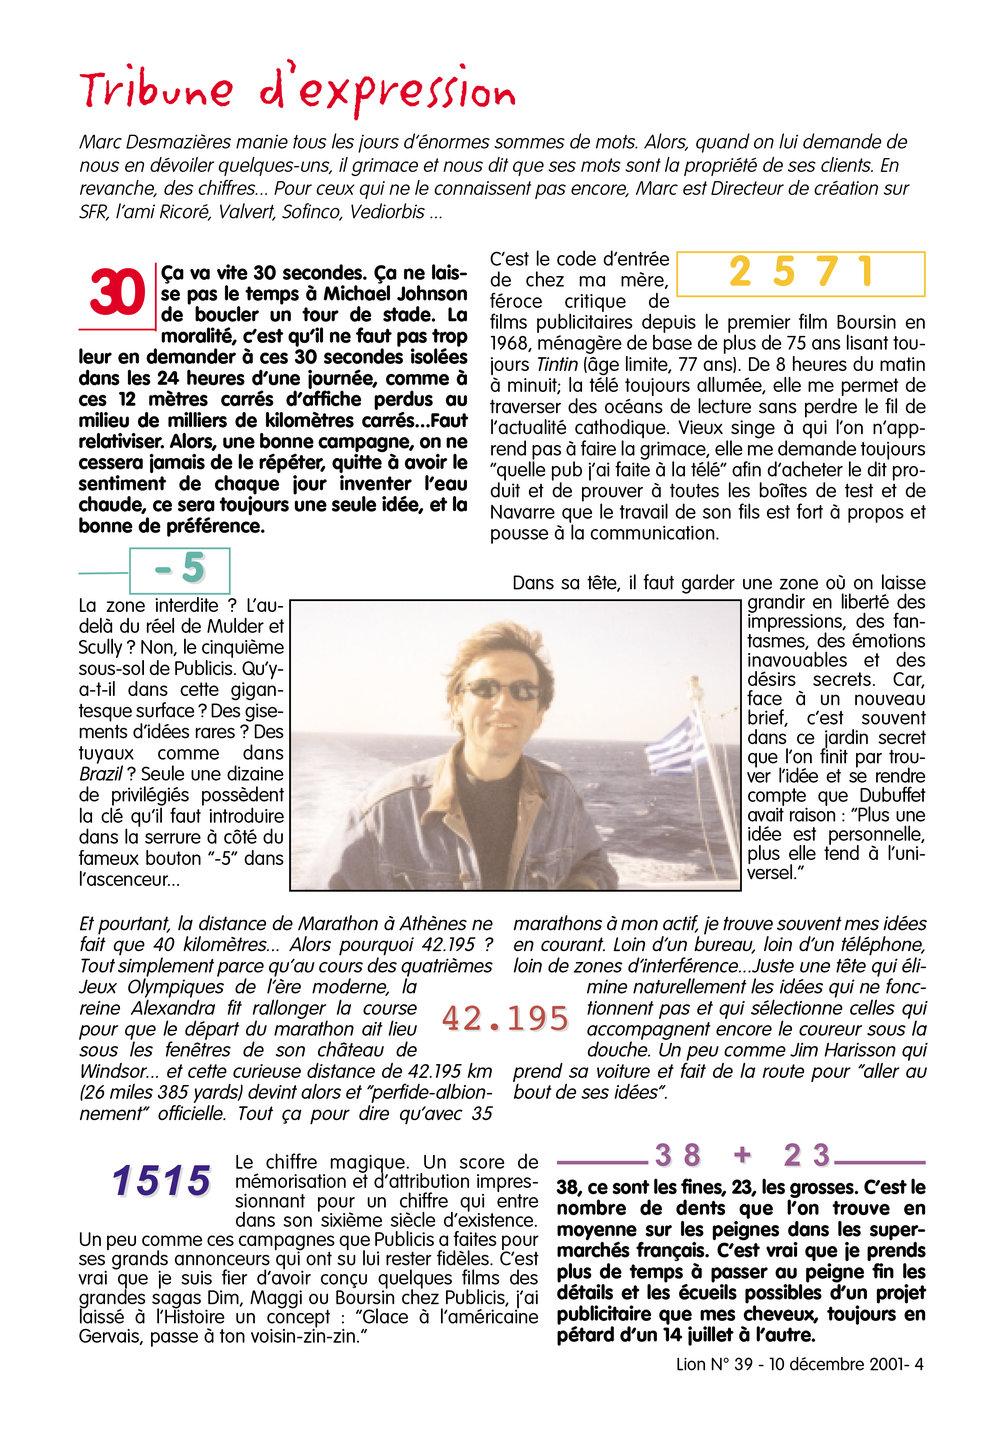 Marc Desmazières en chiffres.jpg